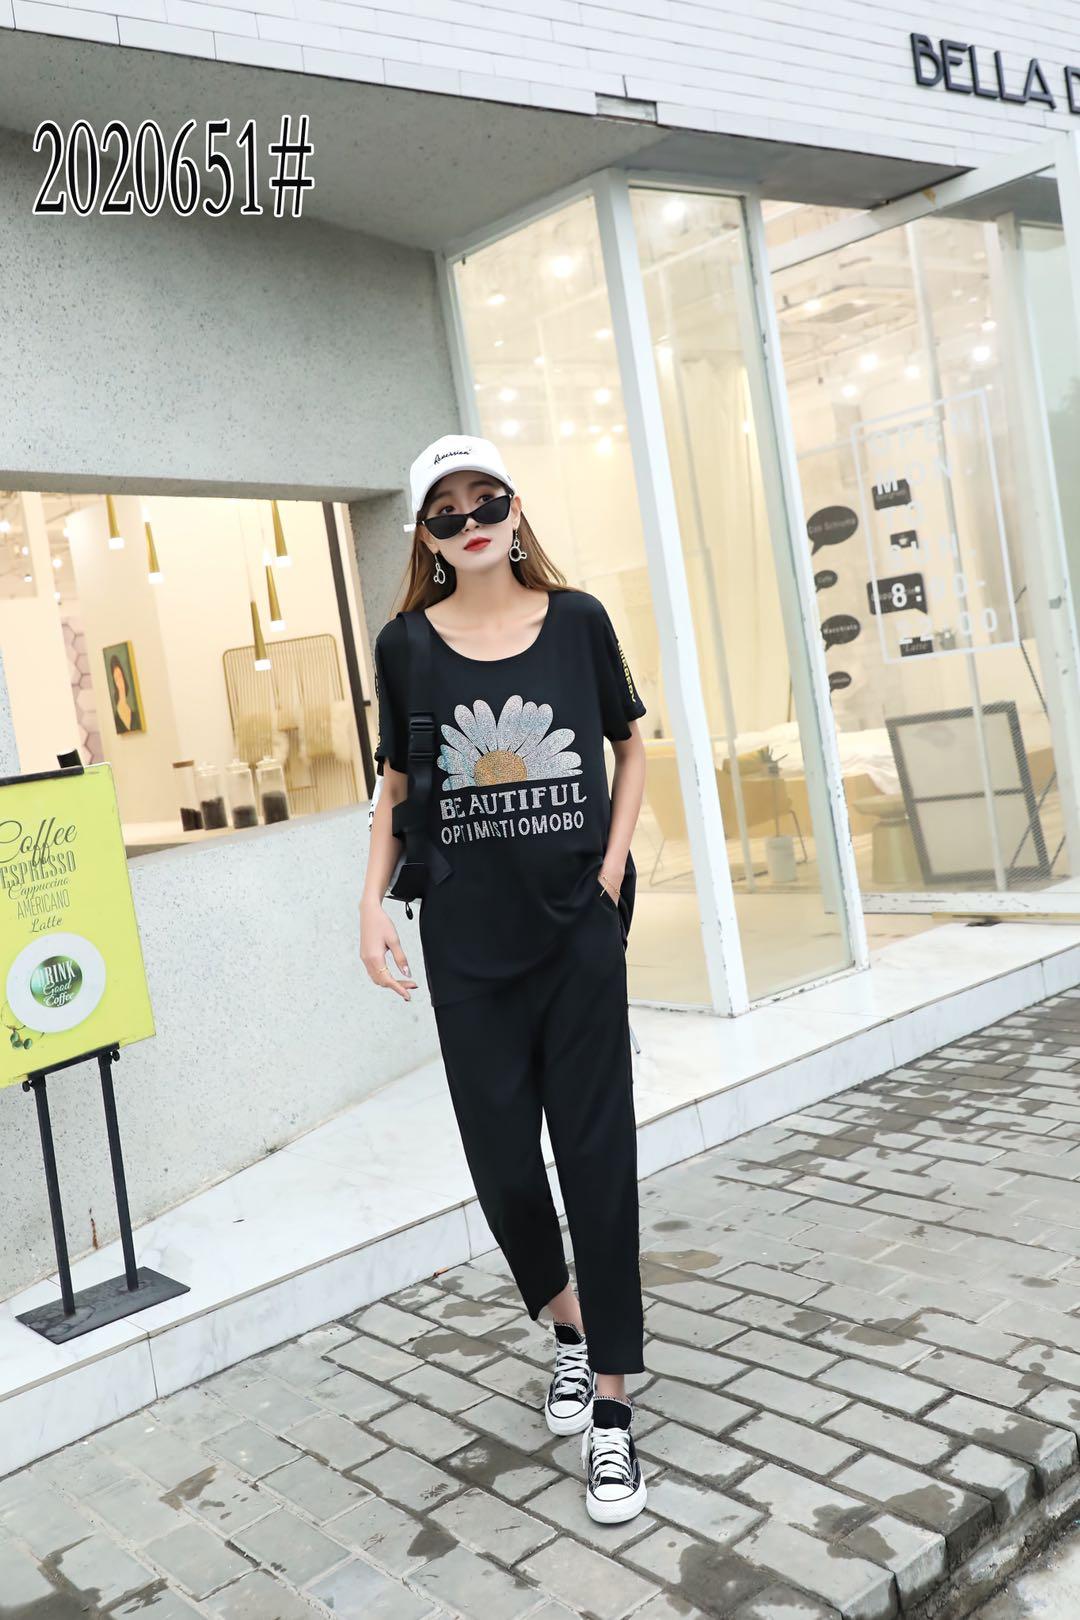 20年夏季胖mm时尚休闲套装女新款流行显瘦宽松黑色两件套651